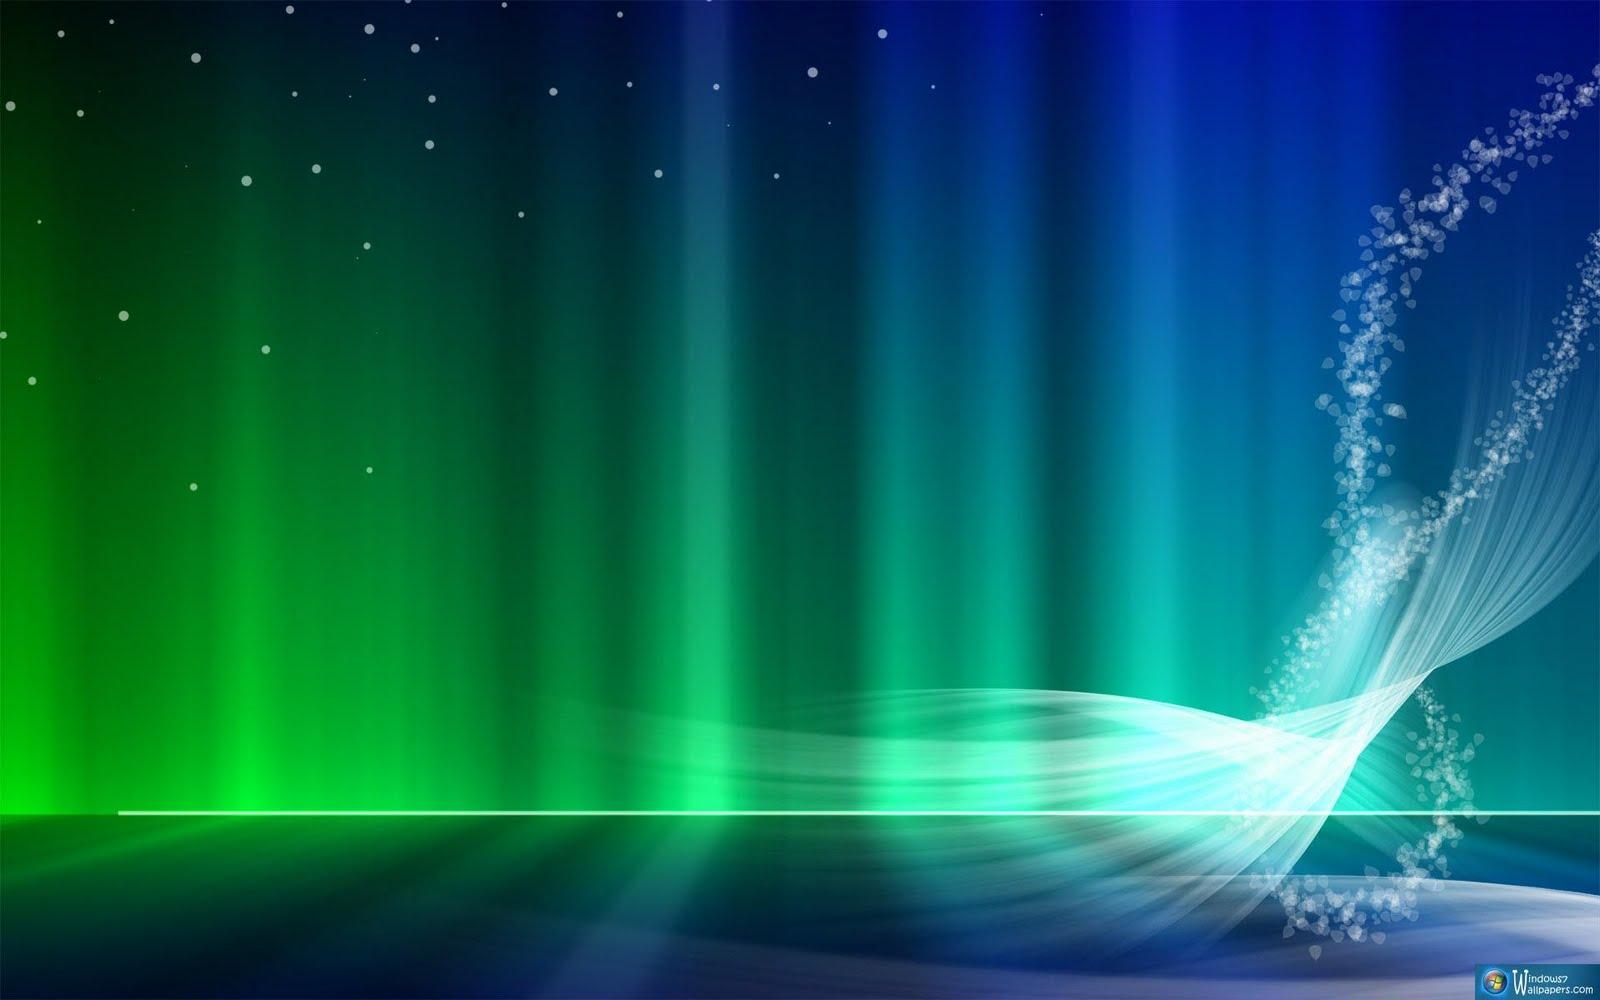 http://4.bp.blogspot.com/-WD5iuqTHgpQ/TkkKju0ic5I/AAAAAAAAAWM/S2eVG6nZ3TI/s1600/Winodws-7.jpg